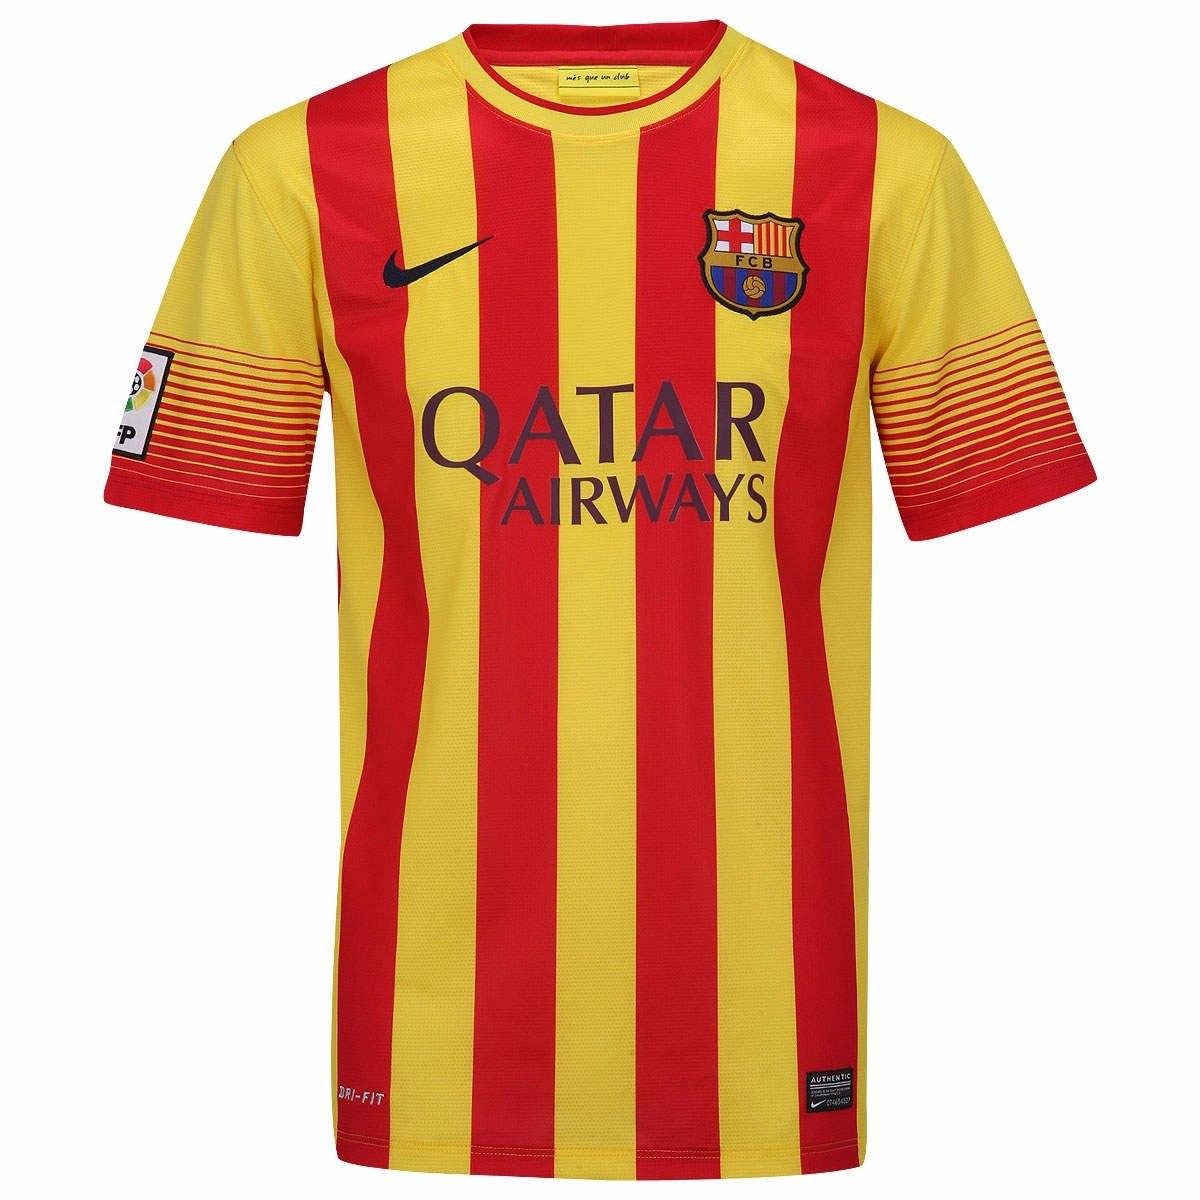 camiseta barcelona 2 oficial - original !!! gg - v2mshop. Carregando zoom. b7b9344838c9e